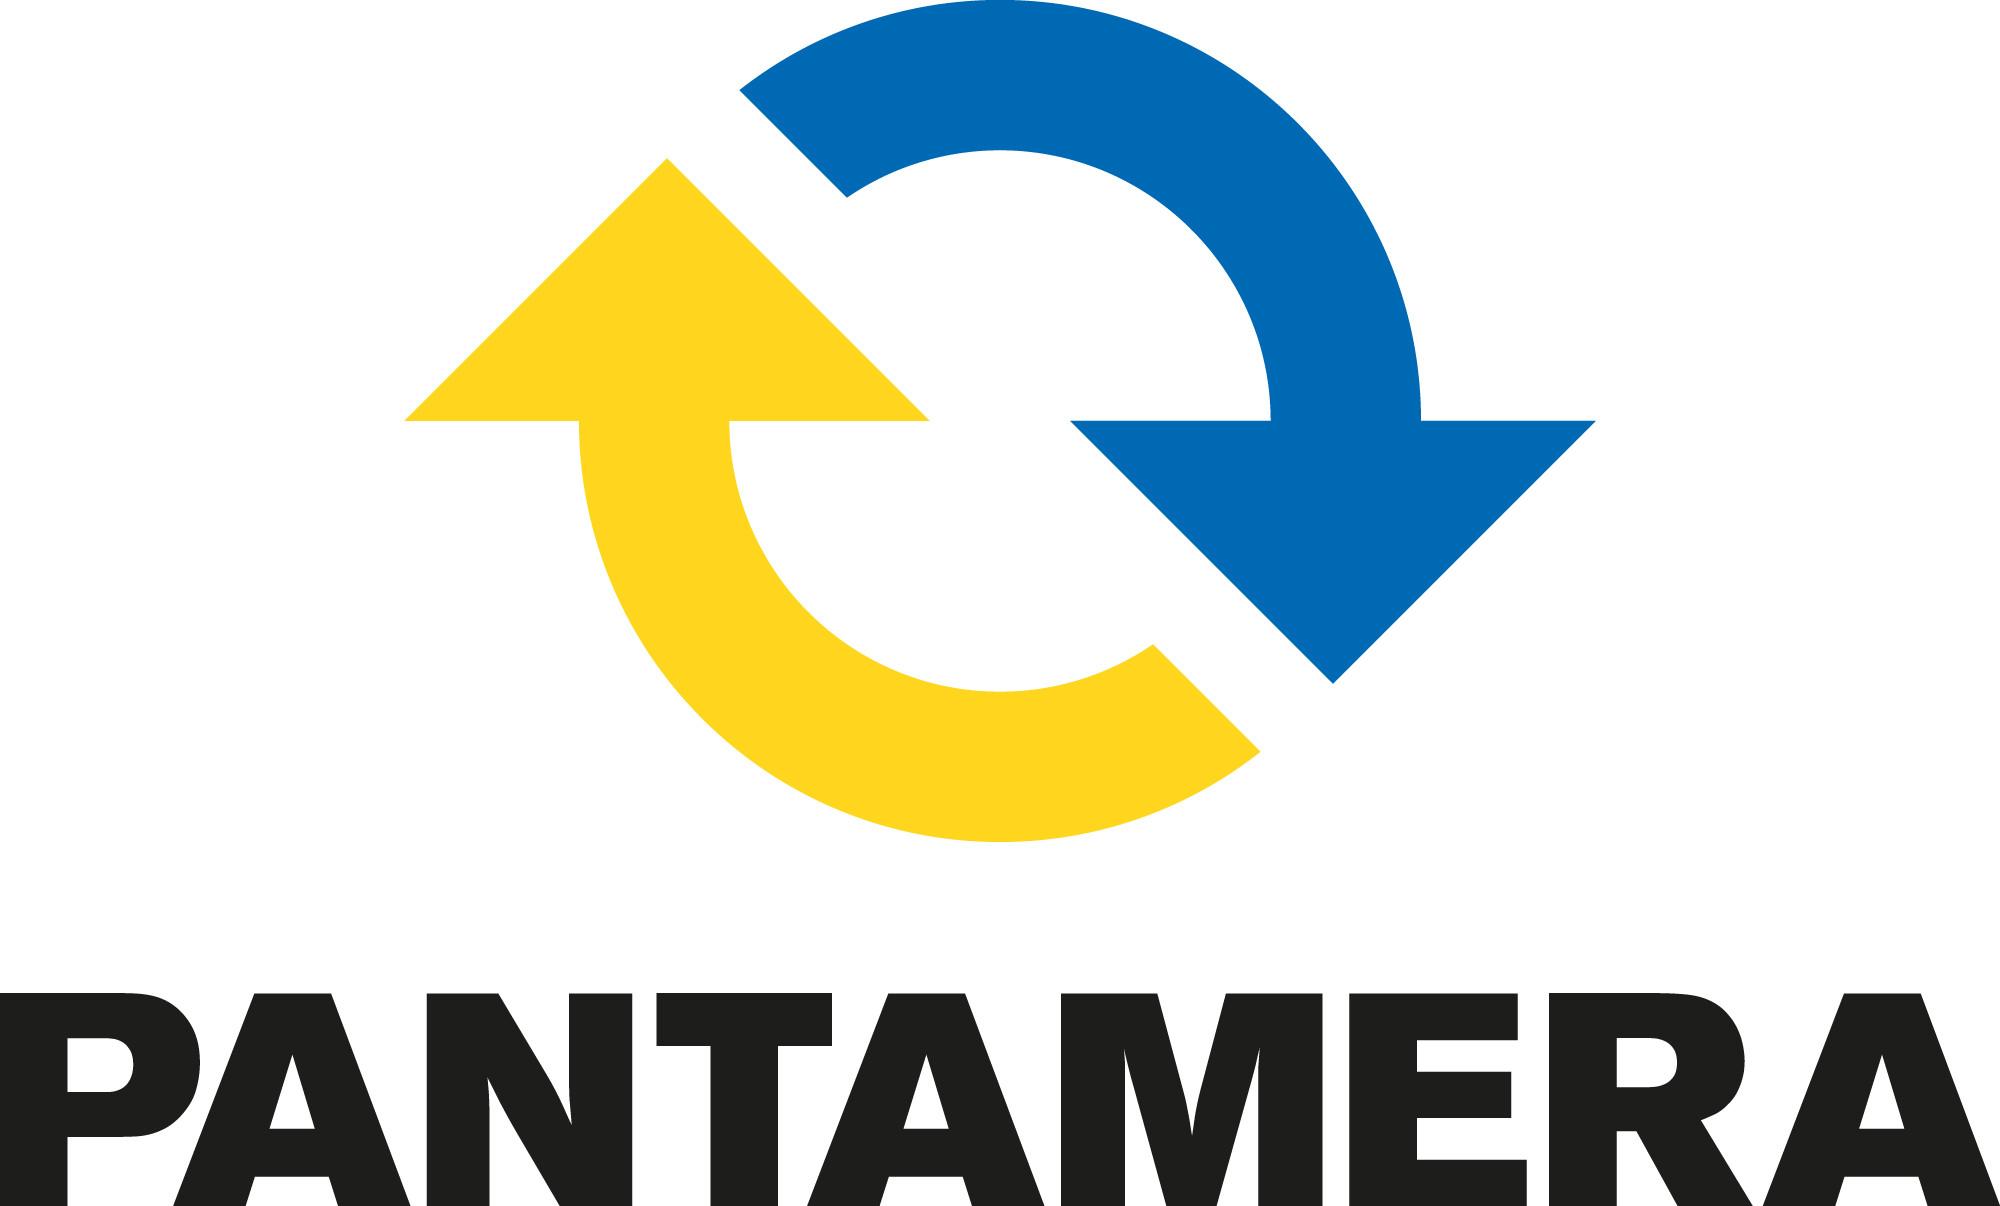 Returpack - Pantamera logo